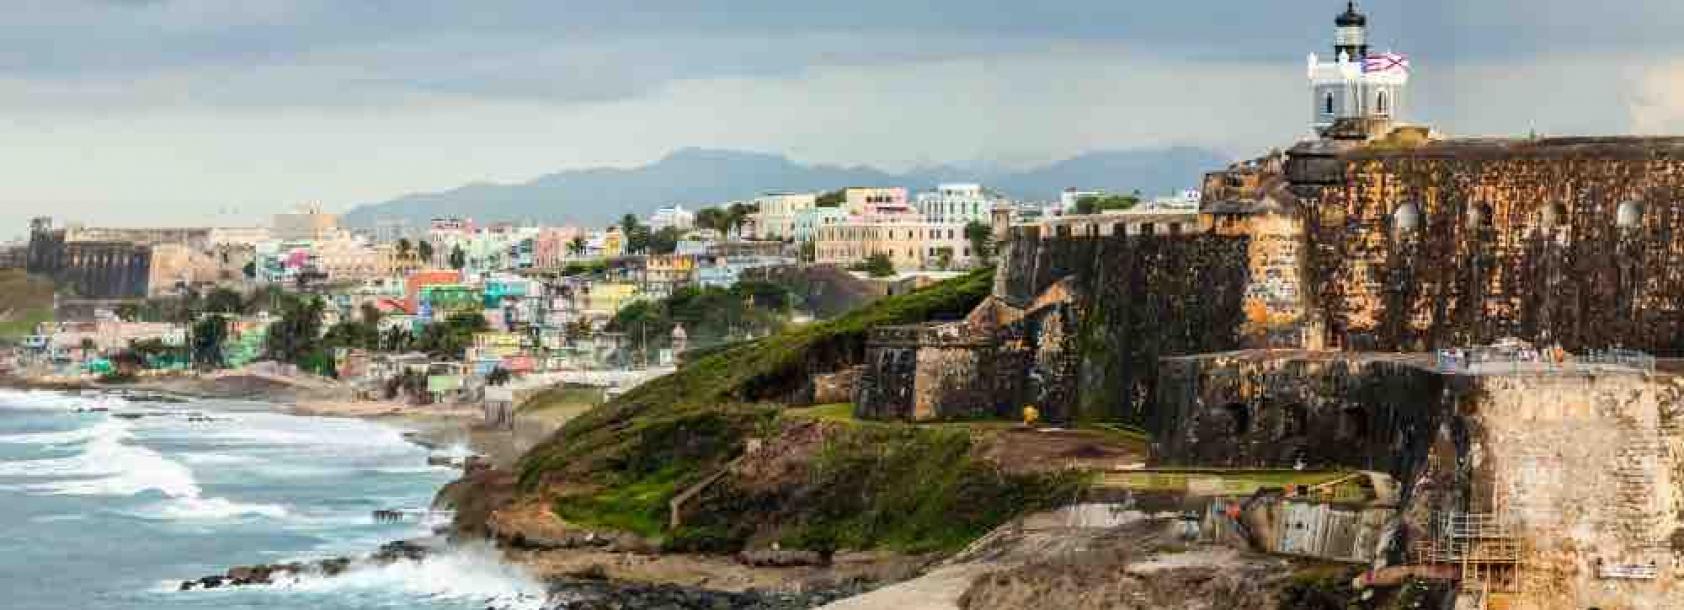 Puerto Rico_ San Juan, El Morro Fortress